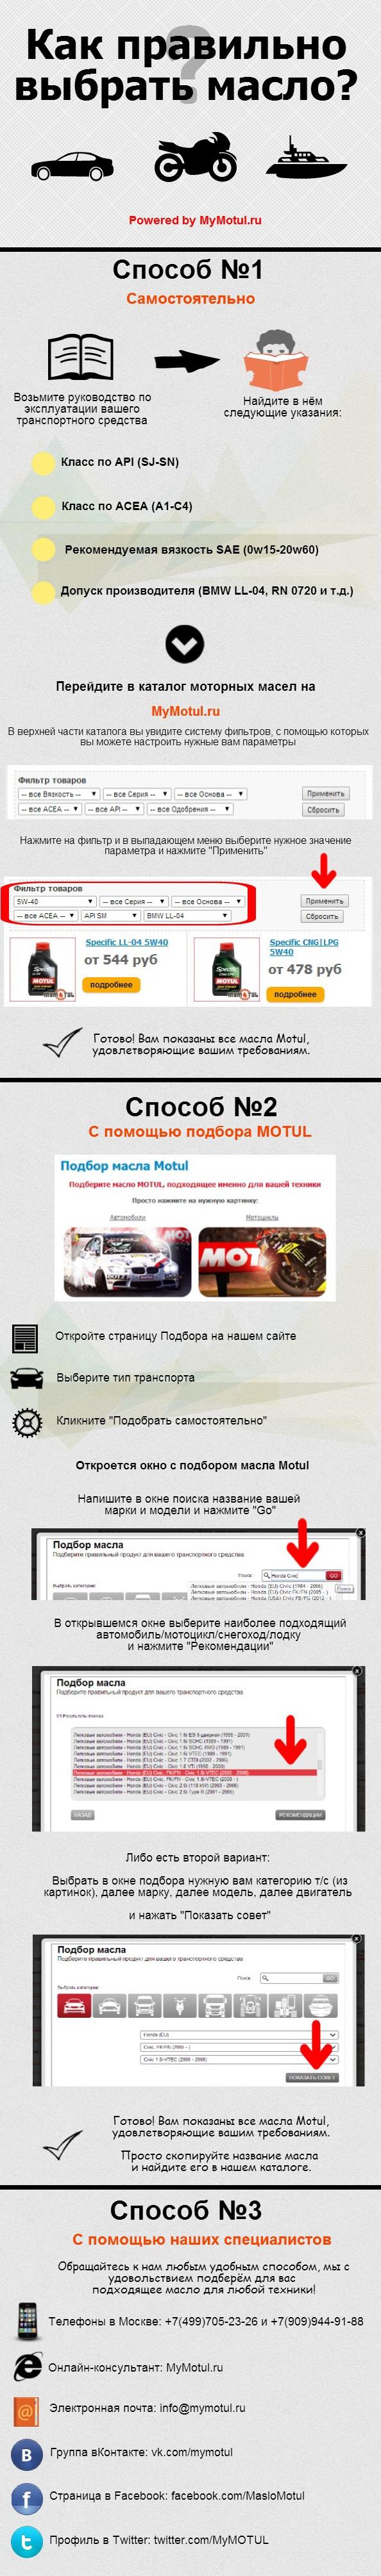 Подбор моторного масла Motul - инфографика